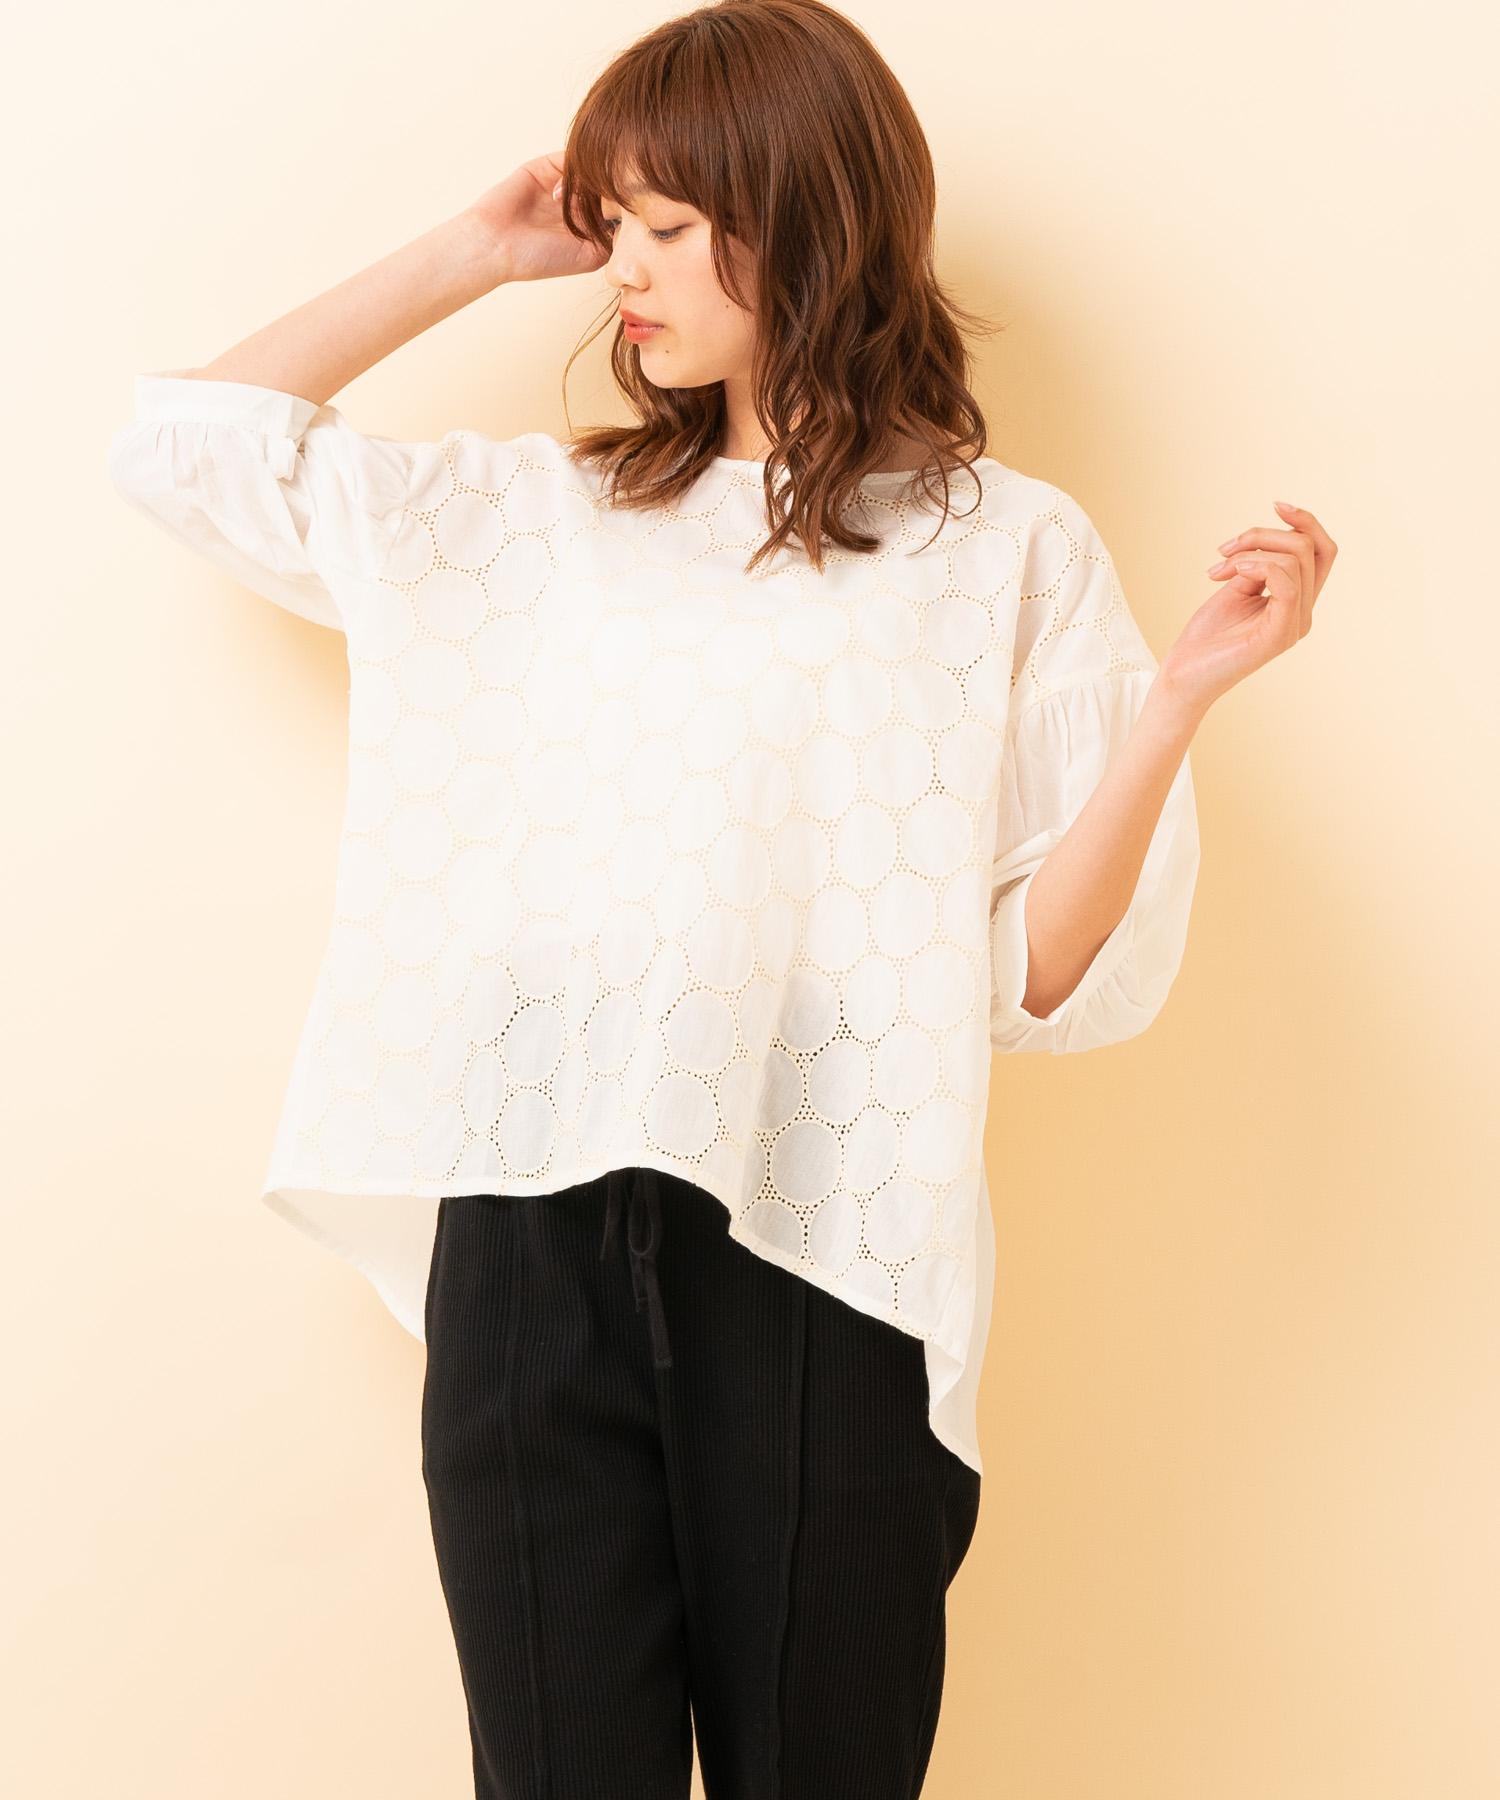 https://www.retro-girl.jp/item/41954608.html